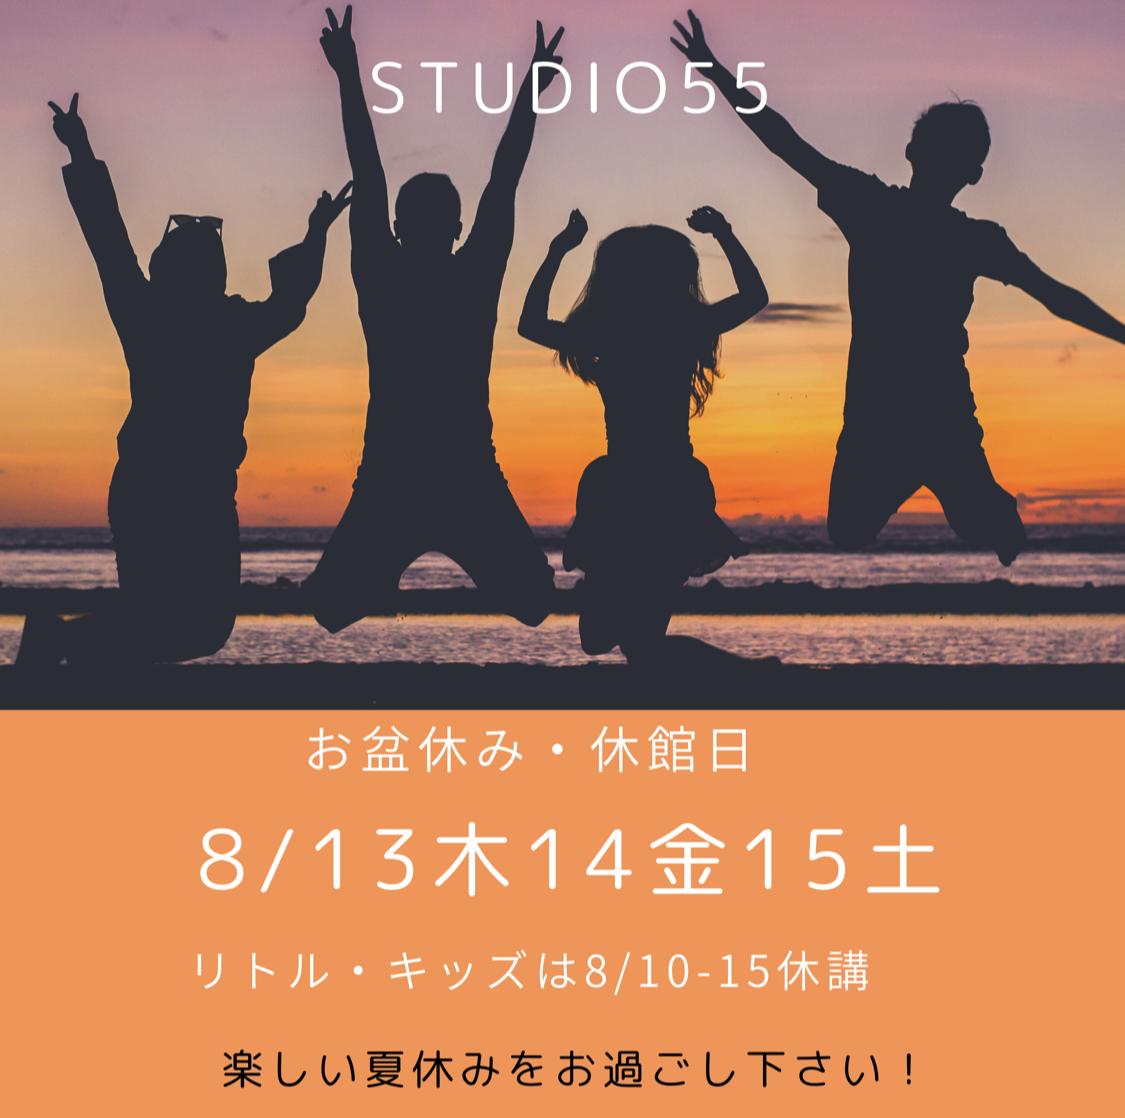 【代講休講情報2020/8/8】